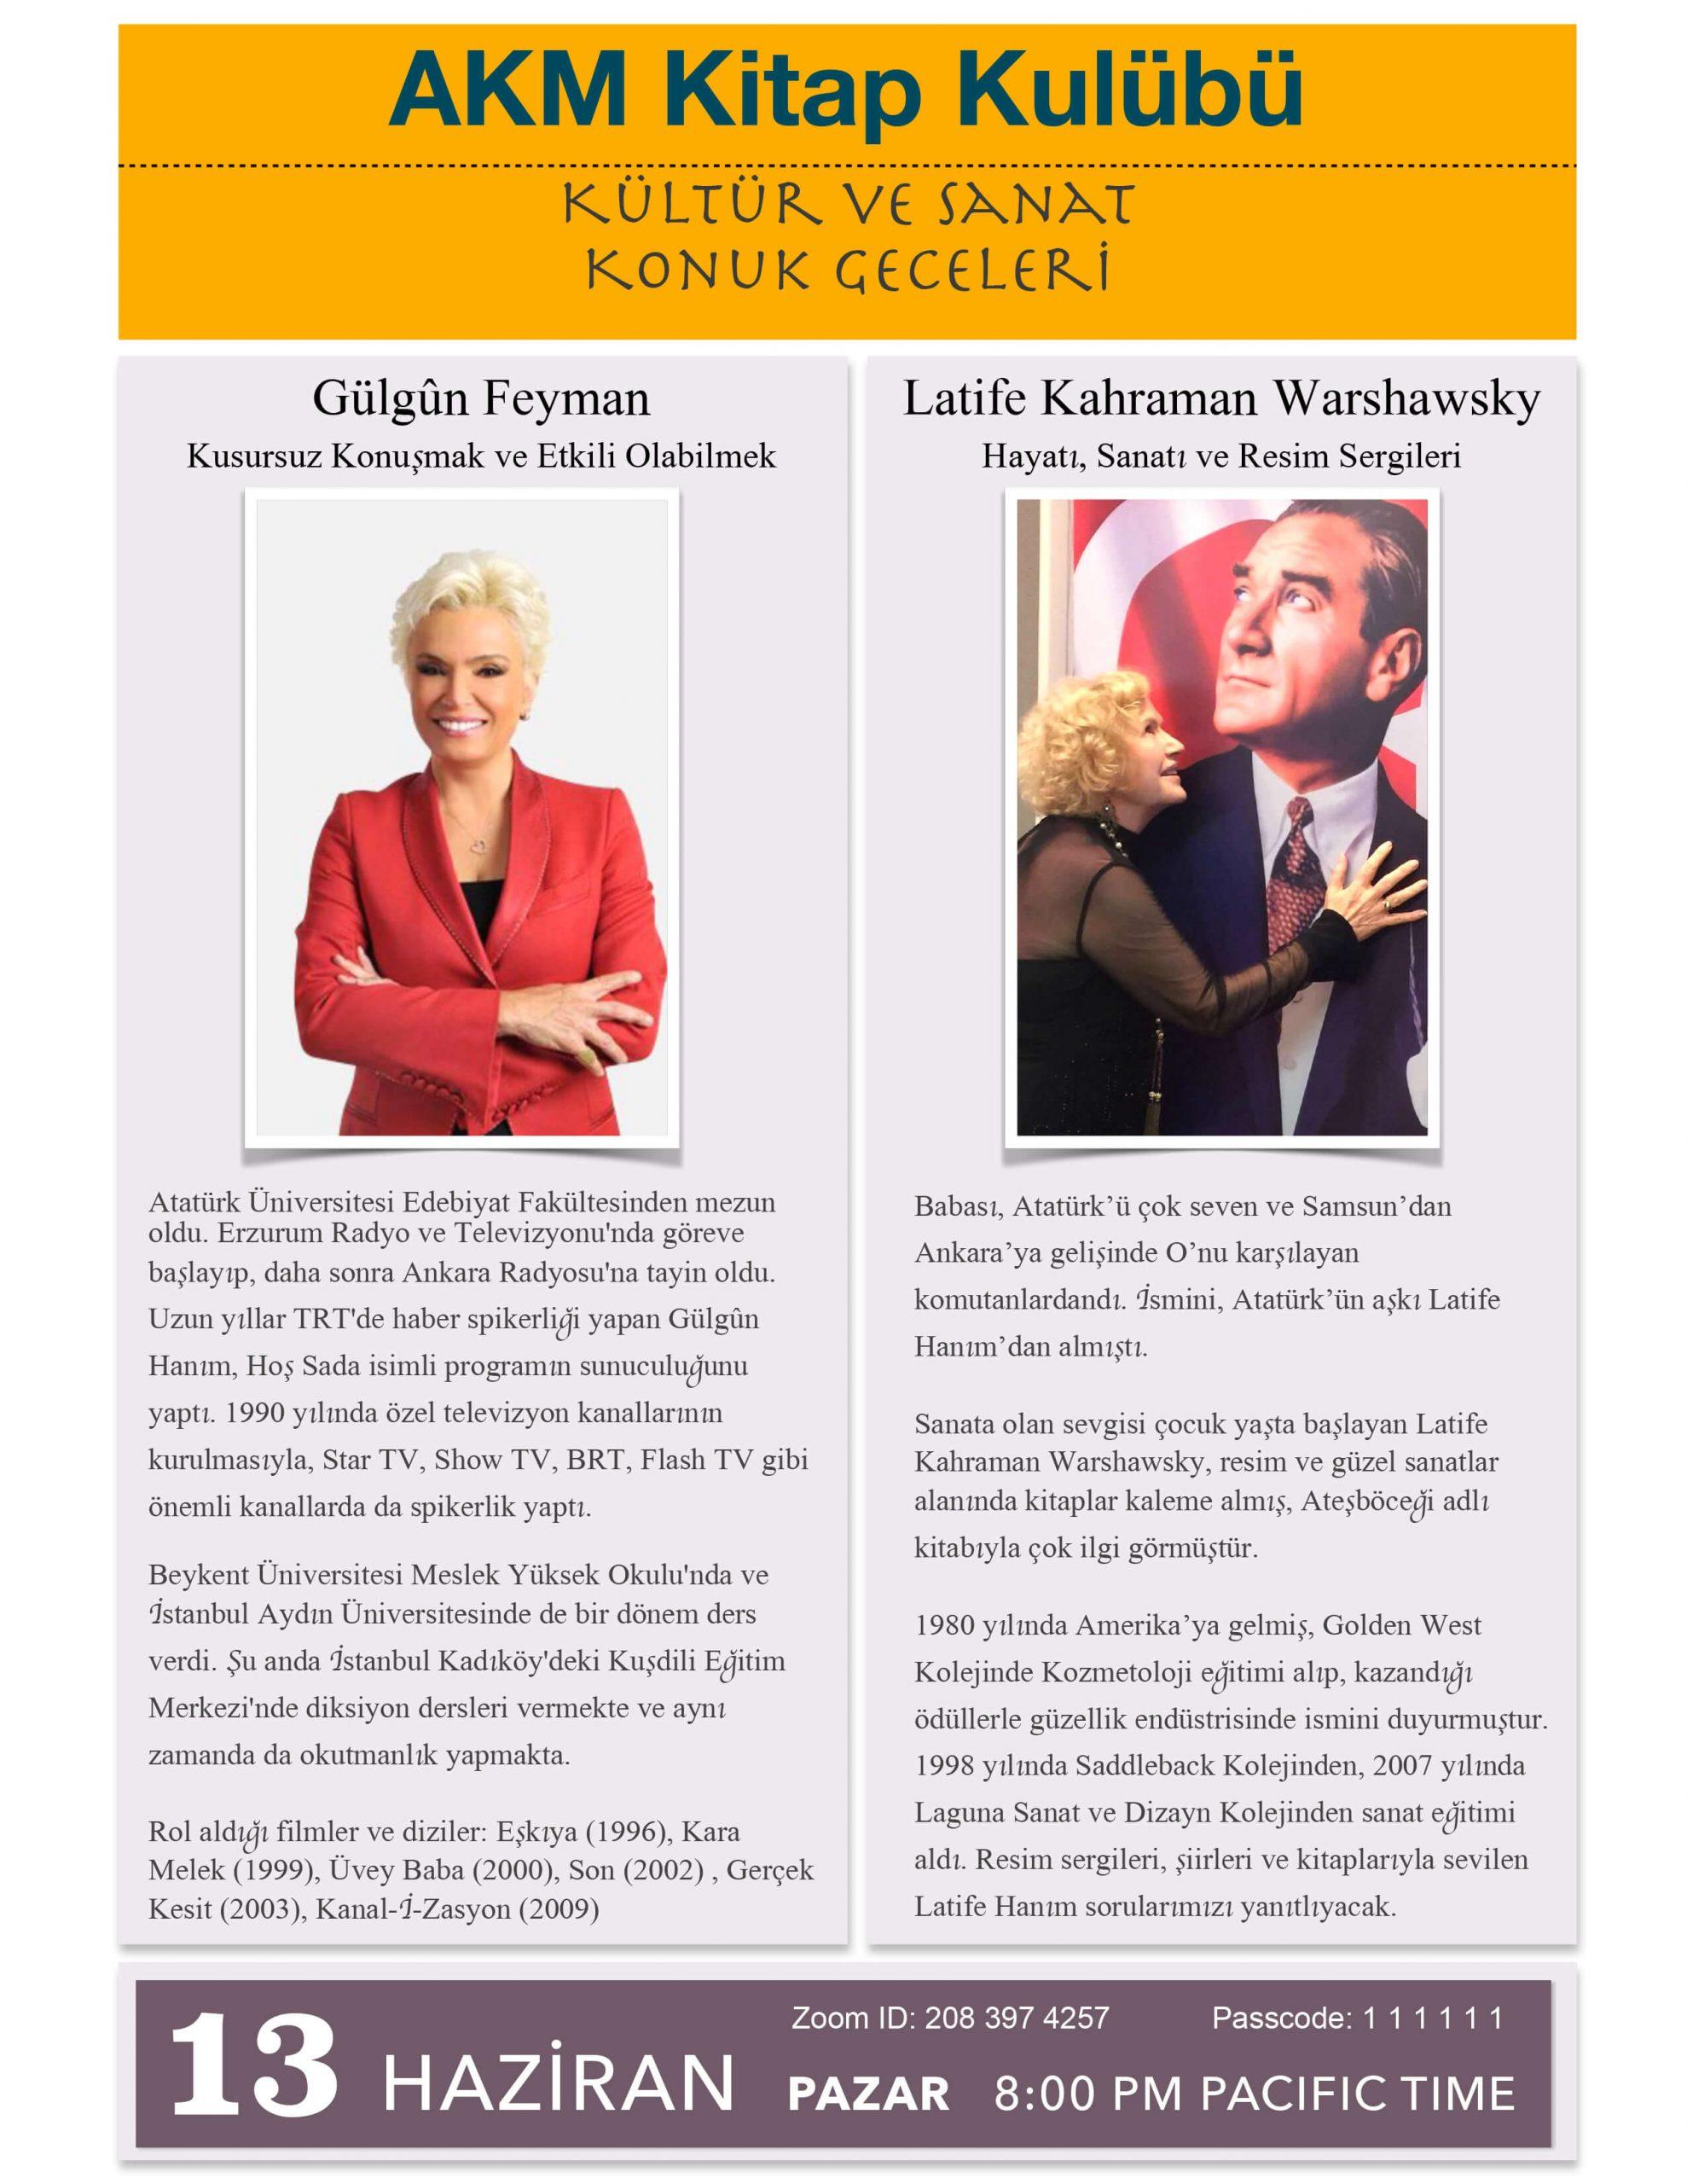 AKM Kitap Kulübü – Gülgûn Feyman ve Latife Warshawski